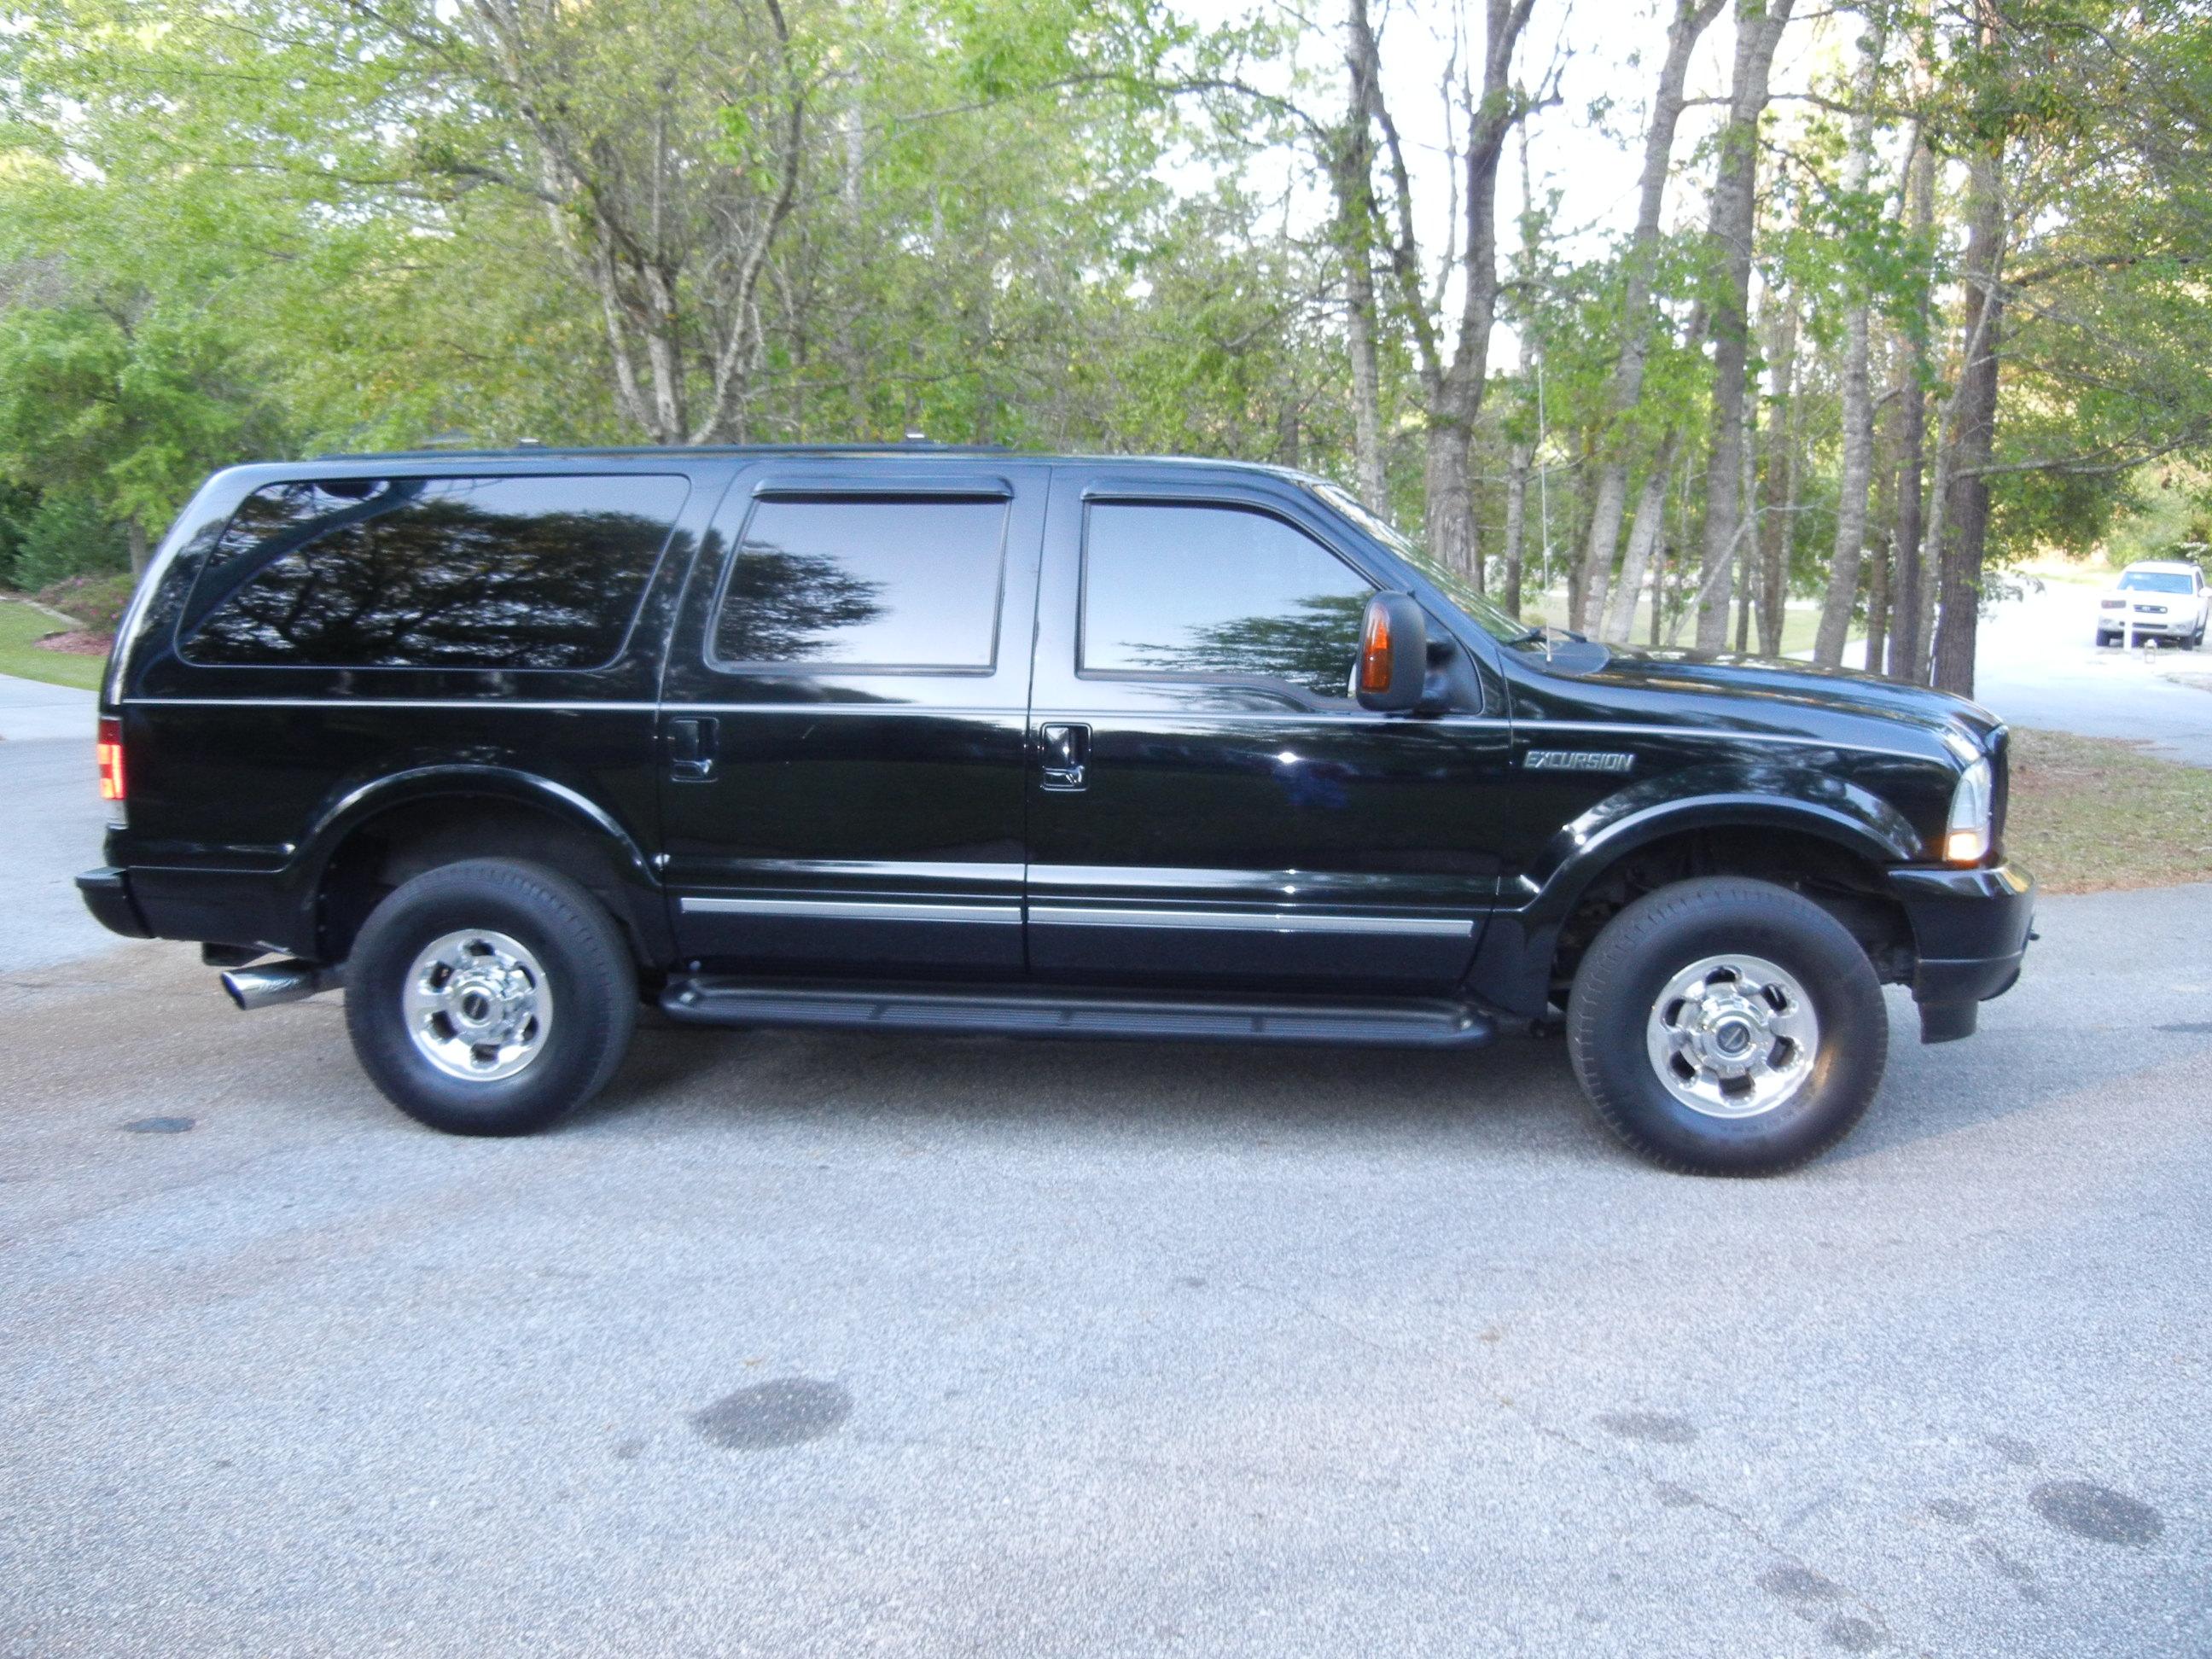 2004 Black Excursion Limited 4x4, diesel for sale.-dscn2651.jpg